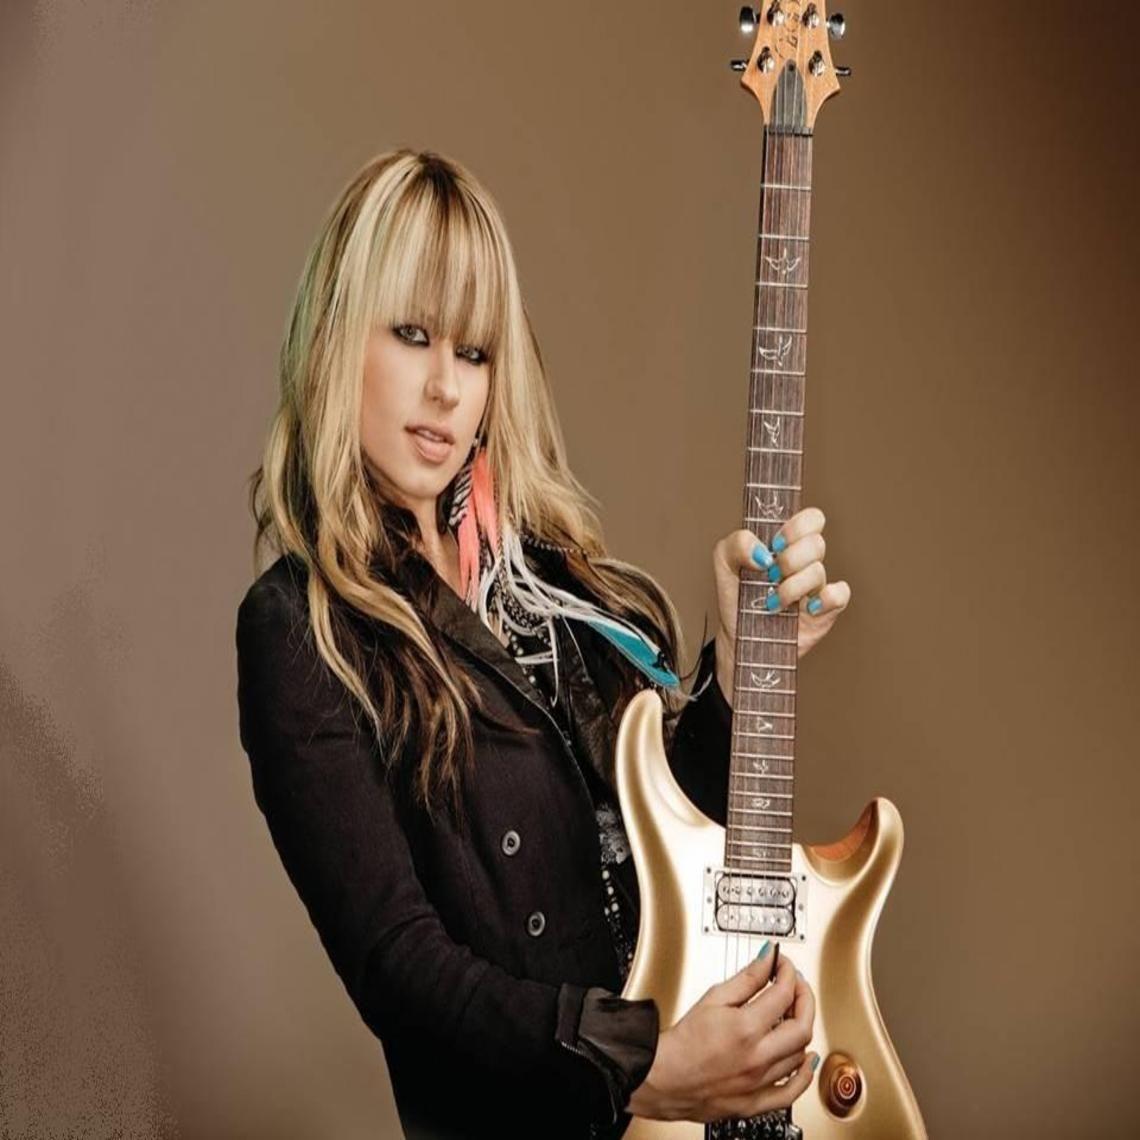 female guitarist 2 by Binkeygooner on DeviantArt